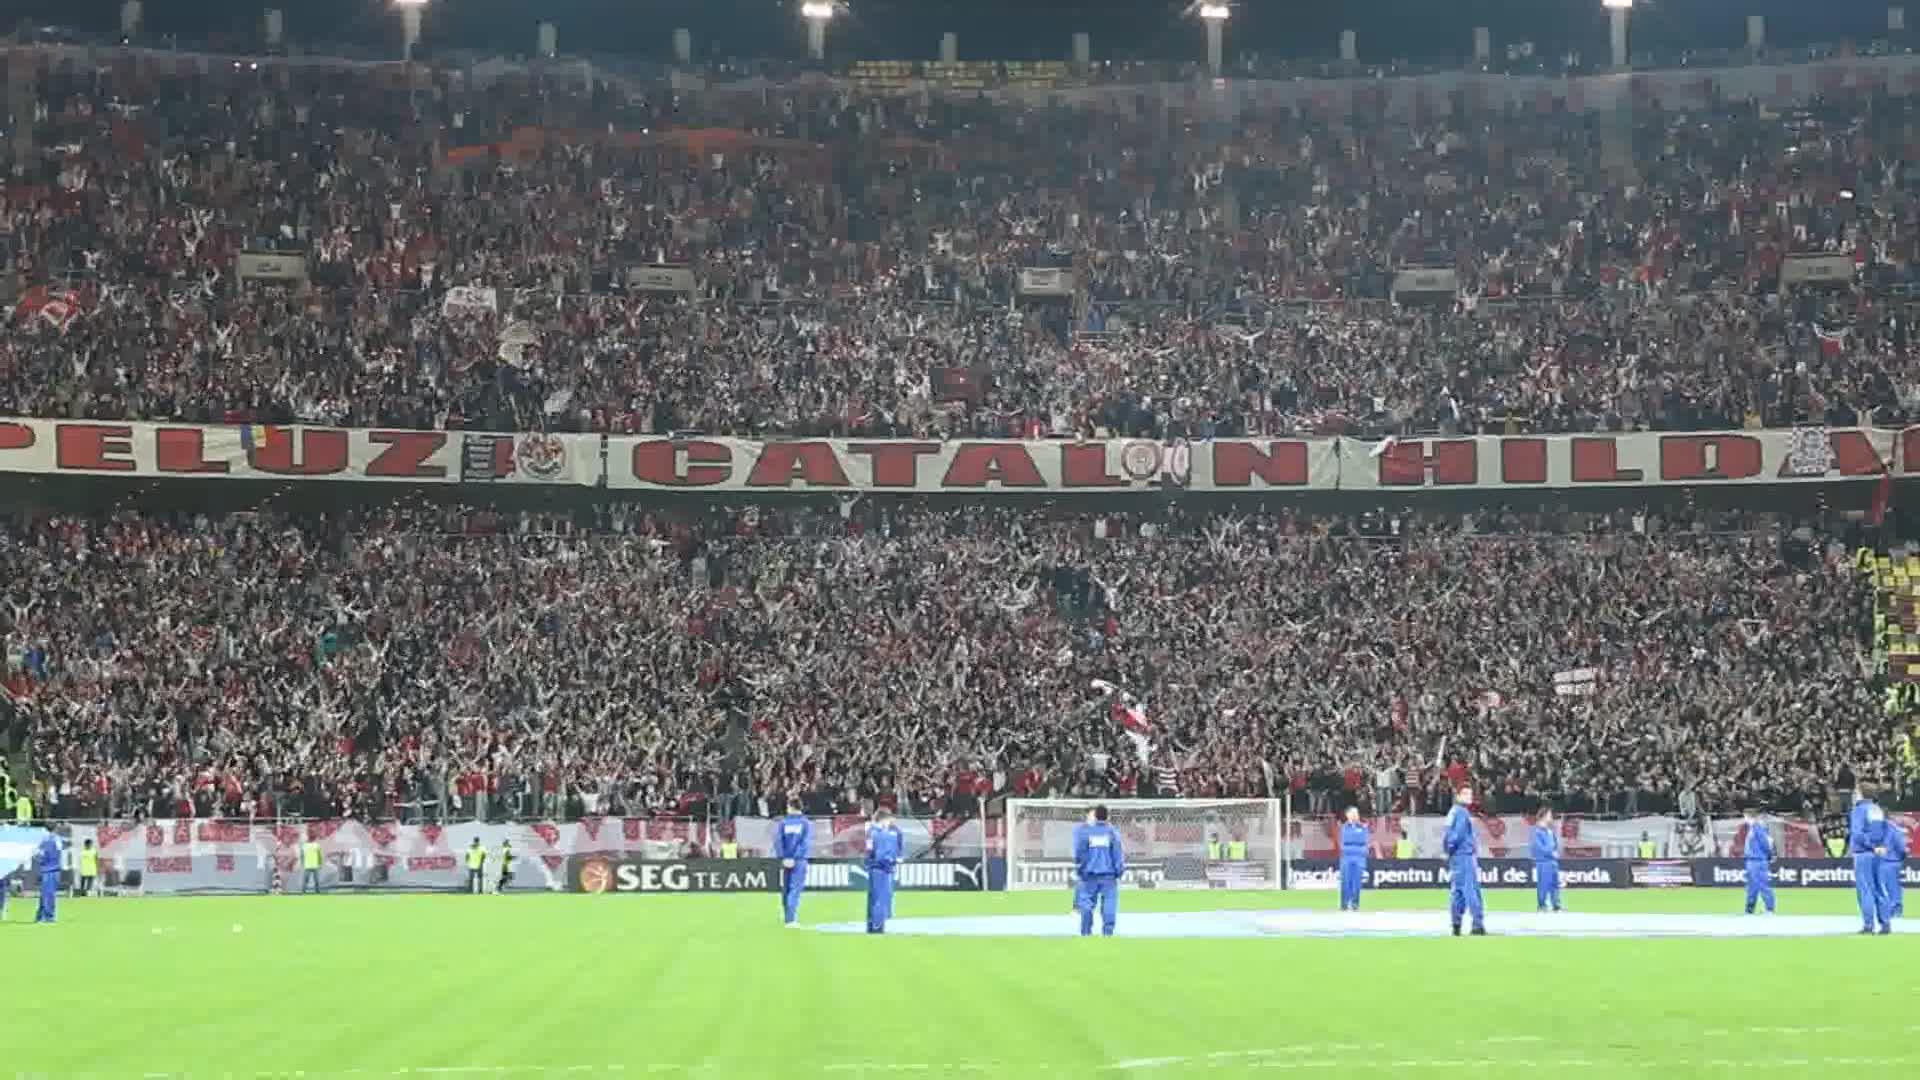 Steaua - Dinamo - 28.03.2014 - 4